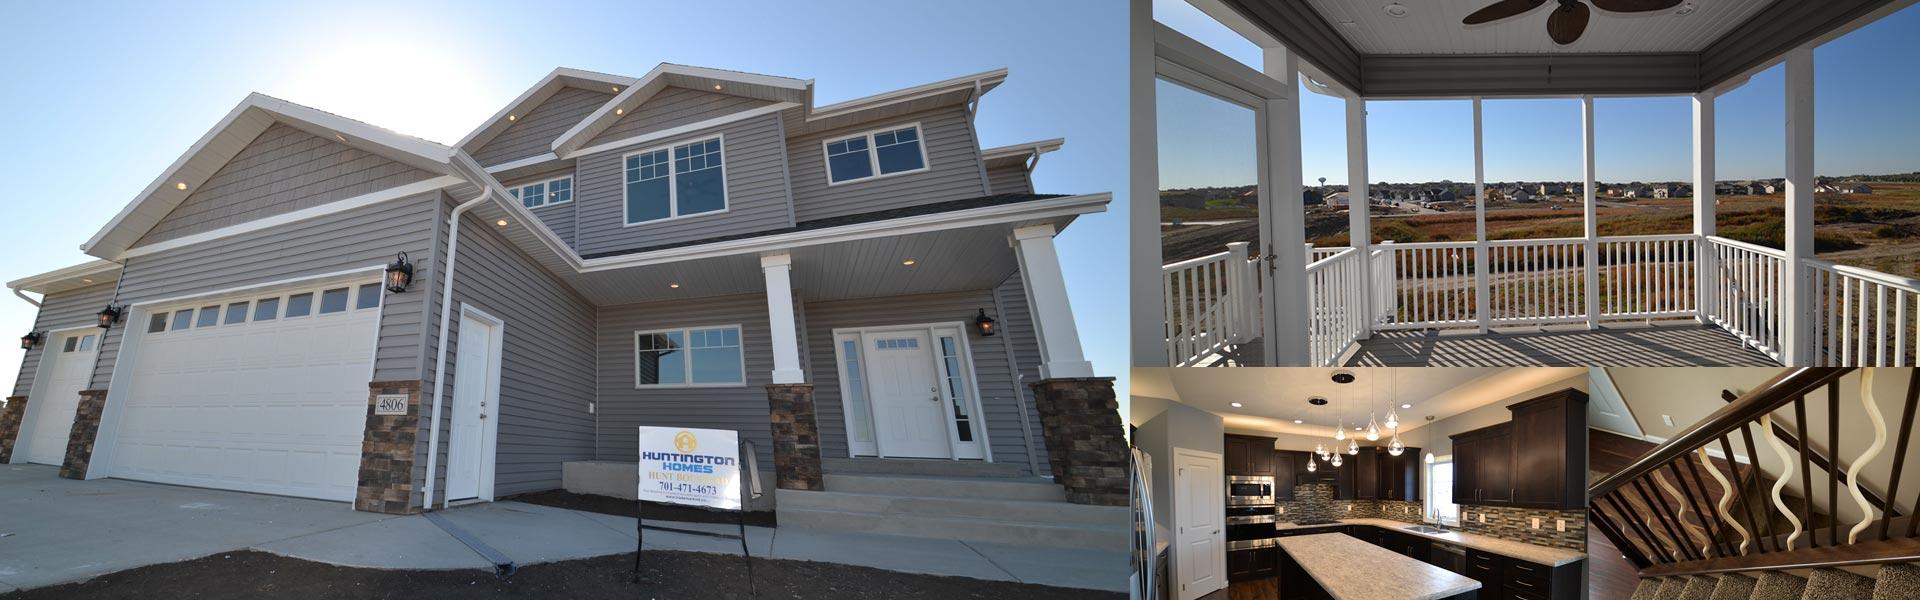 Bismarck Home Builder Huntington Homes Nd